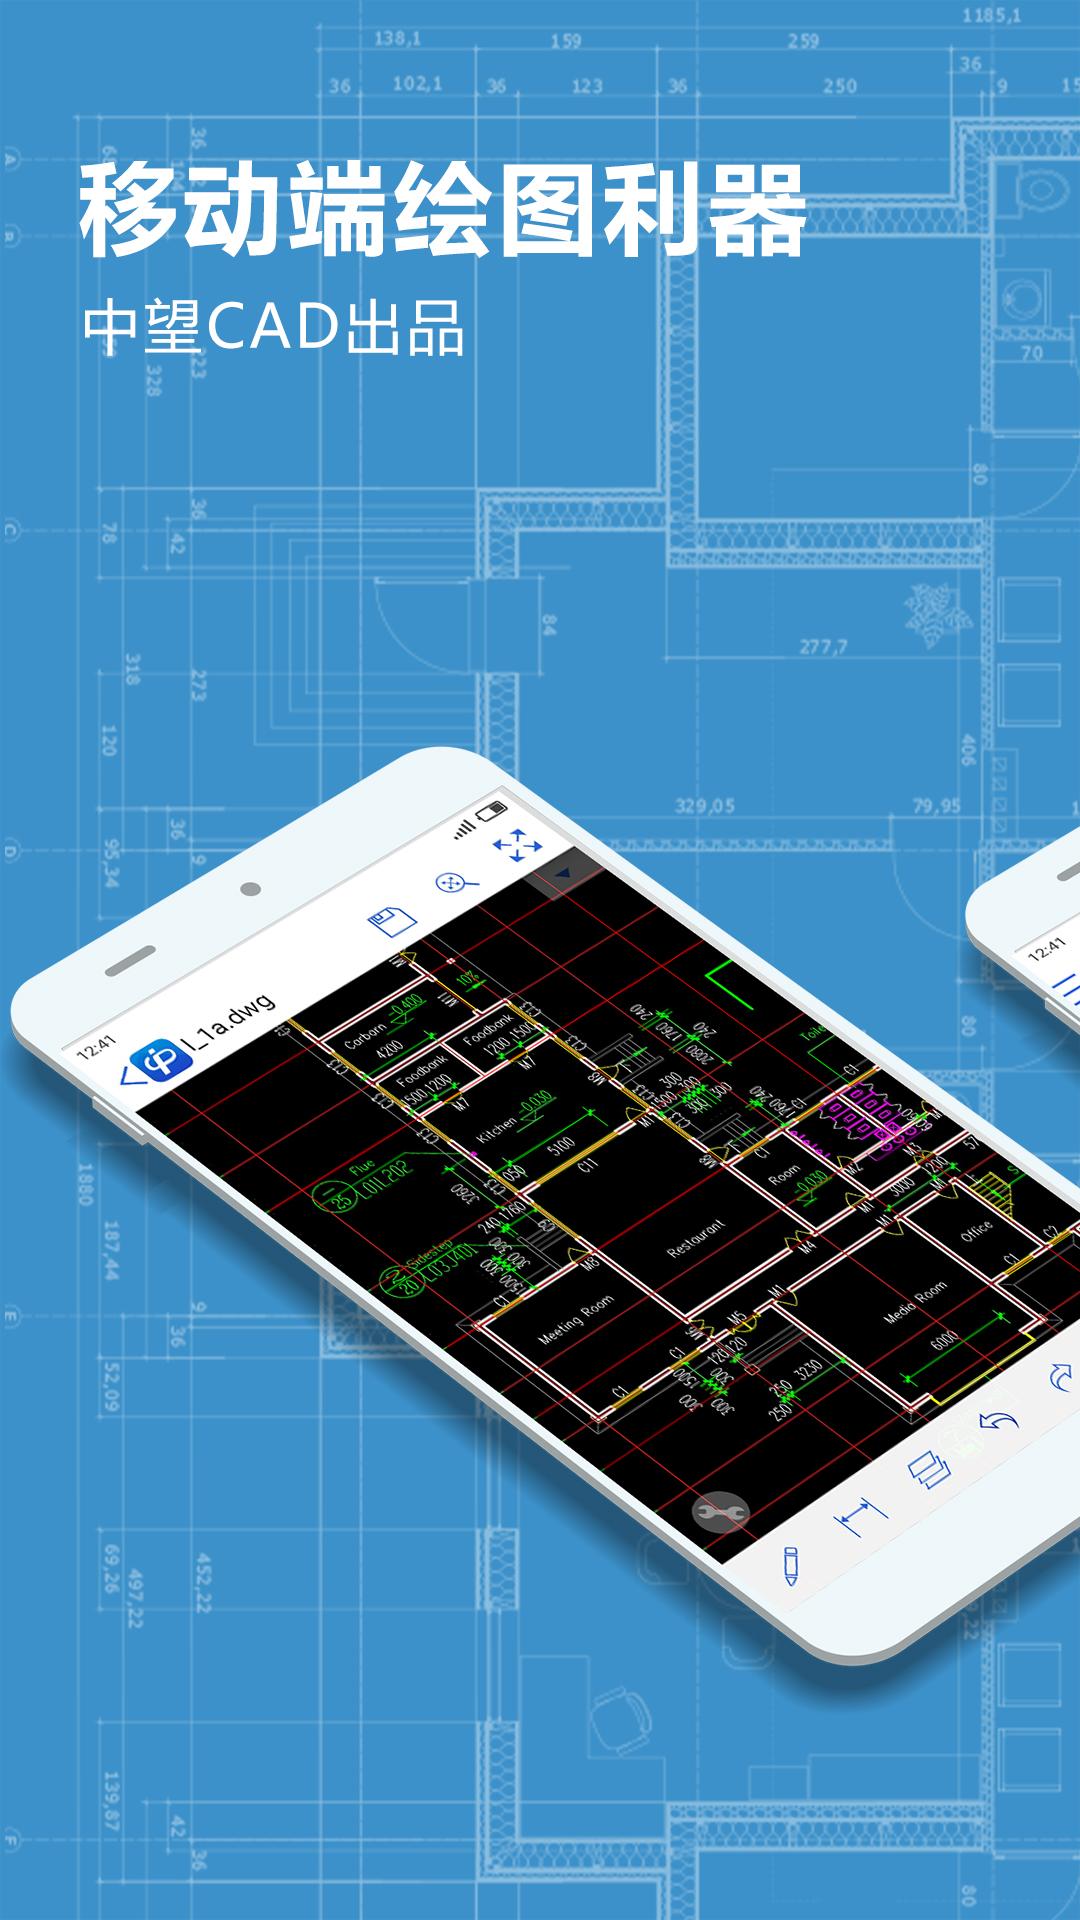 CAD派客云图高级功能无限制版 V3.2.6 安卓版截图3